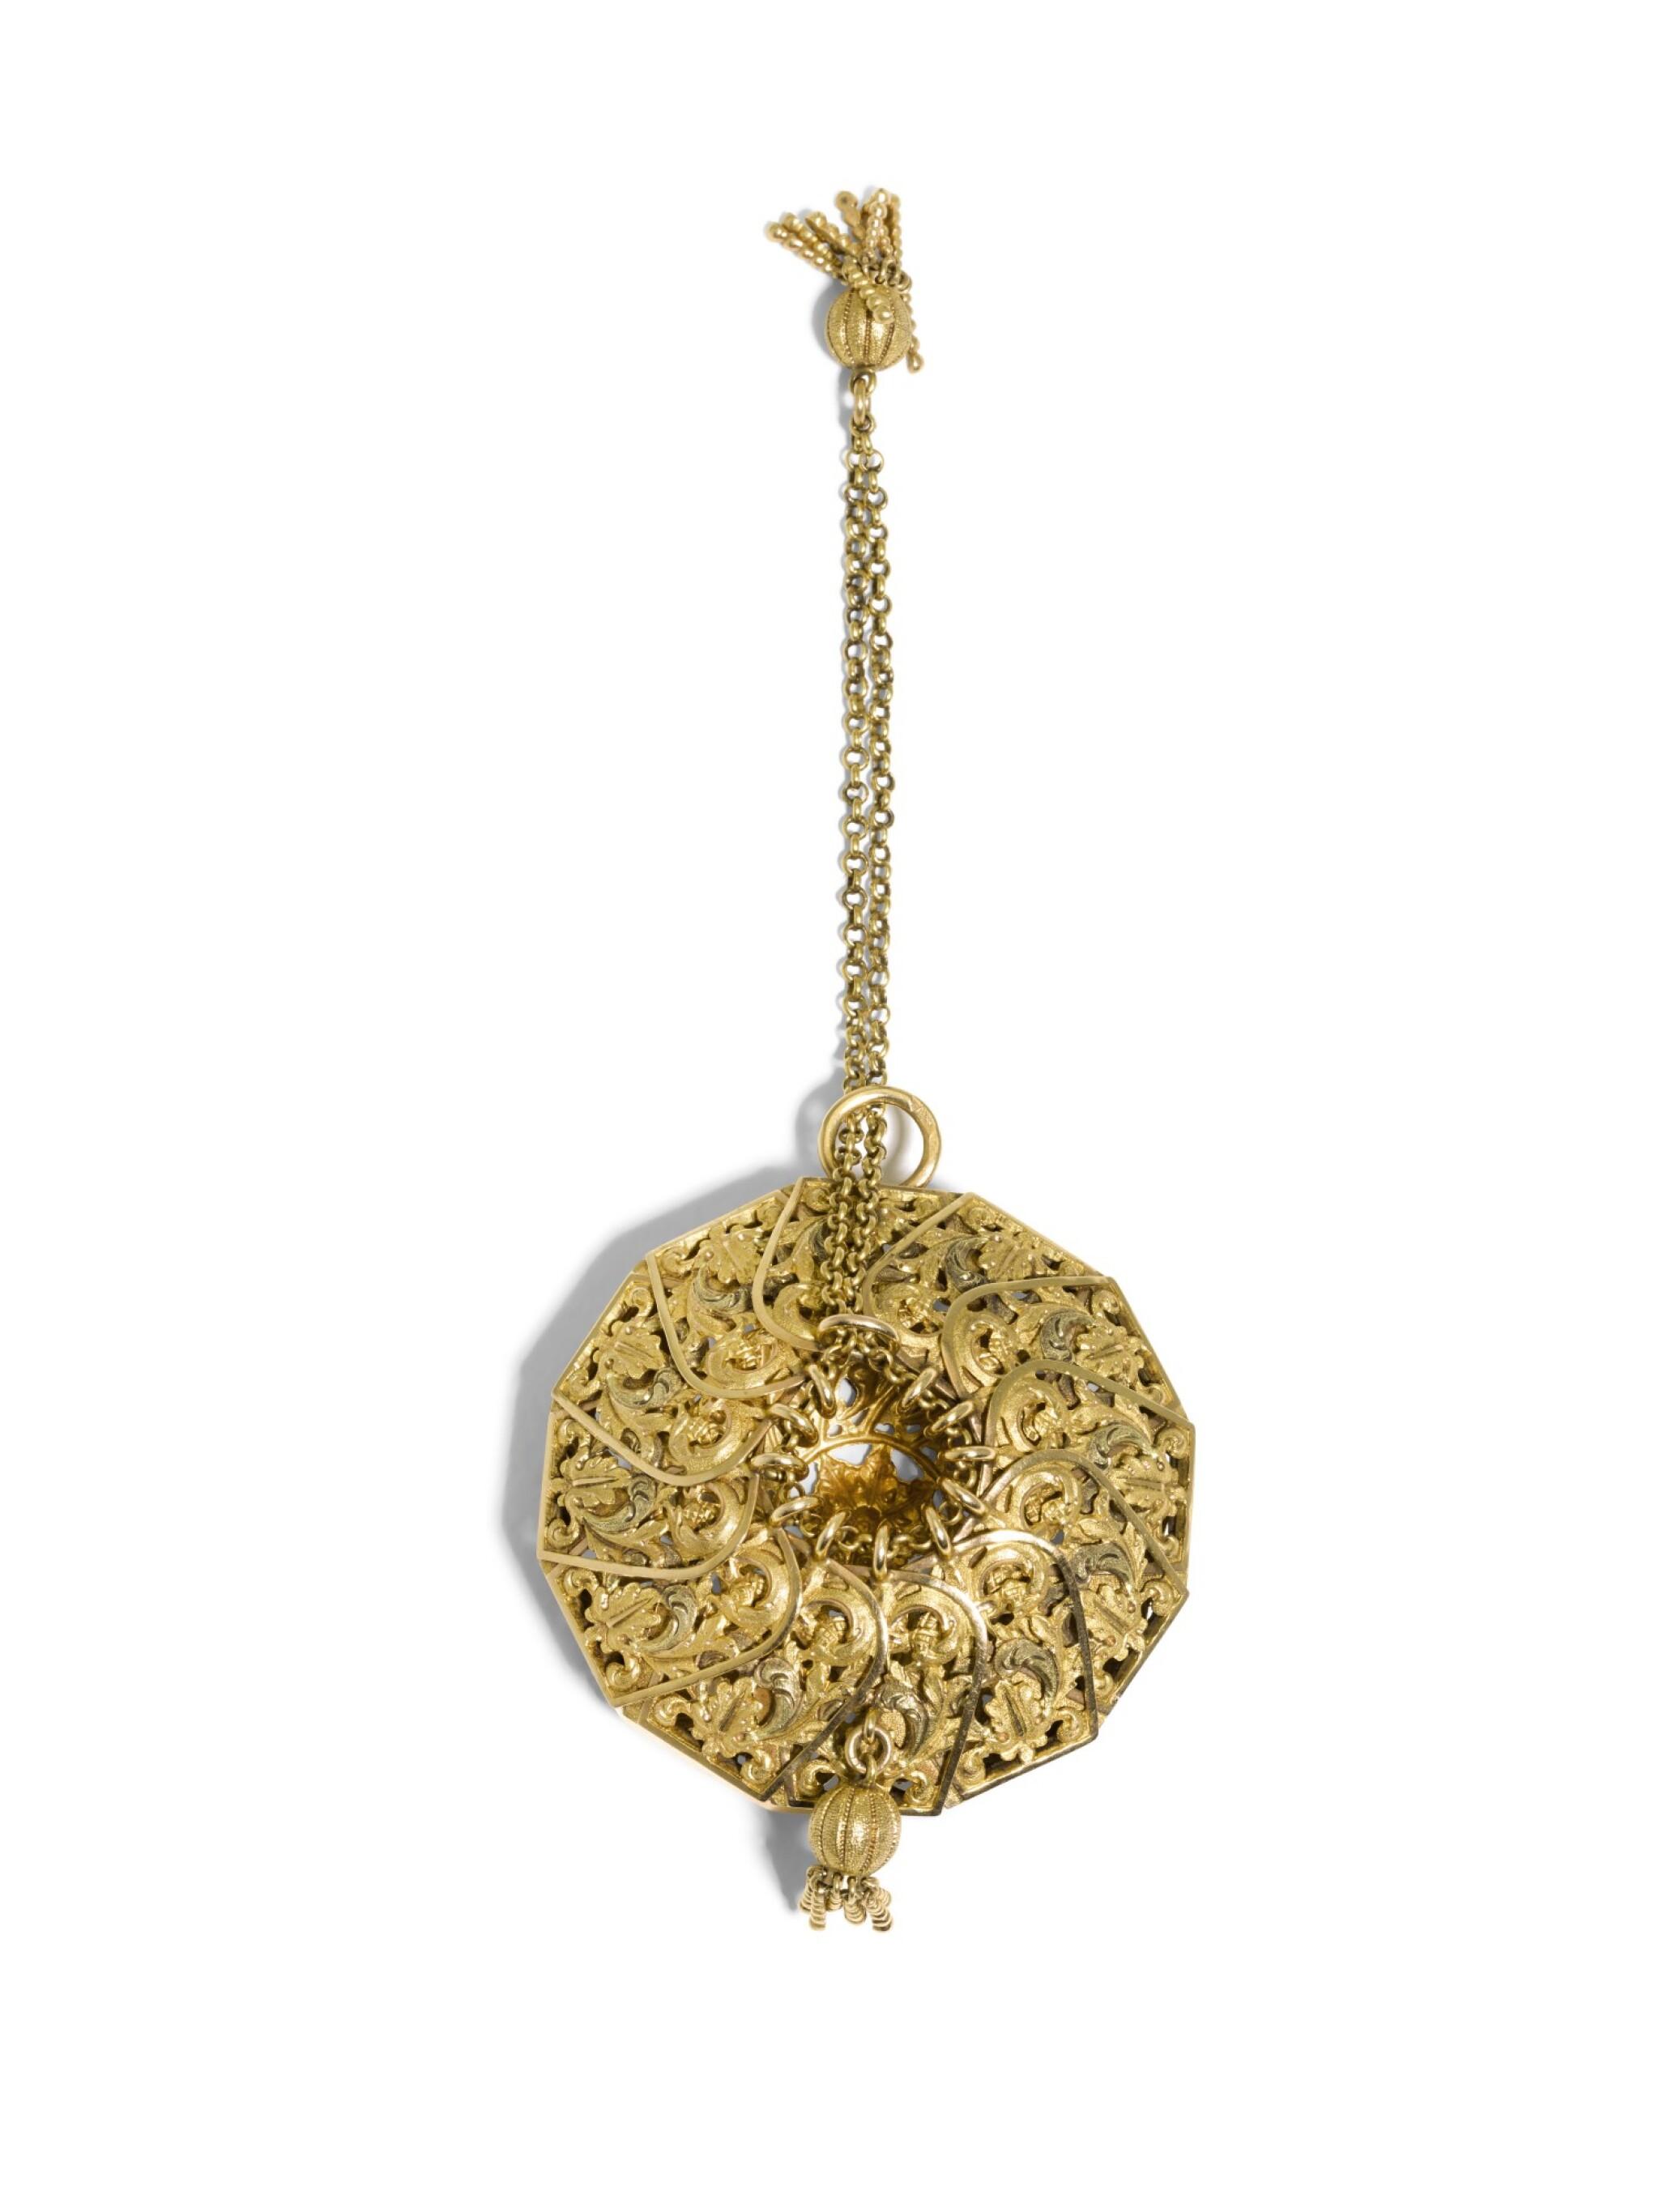 A VARI-COLOURED OPENWORK GOLD COIN PURSE, JEAN-GASPARD BUTZ, PARIS, CIRCA 1835